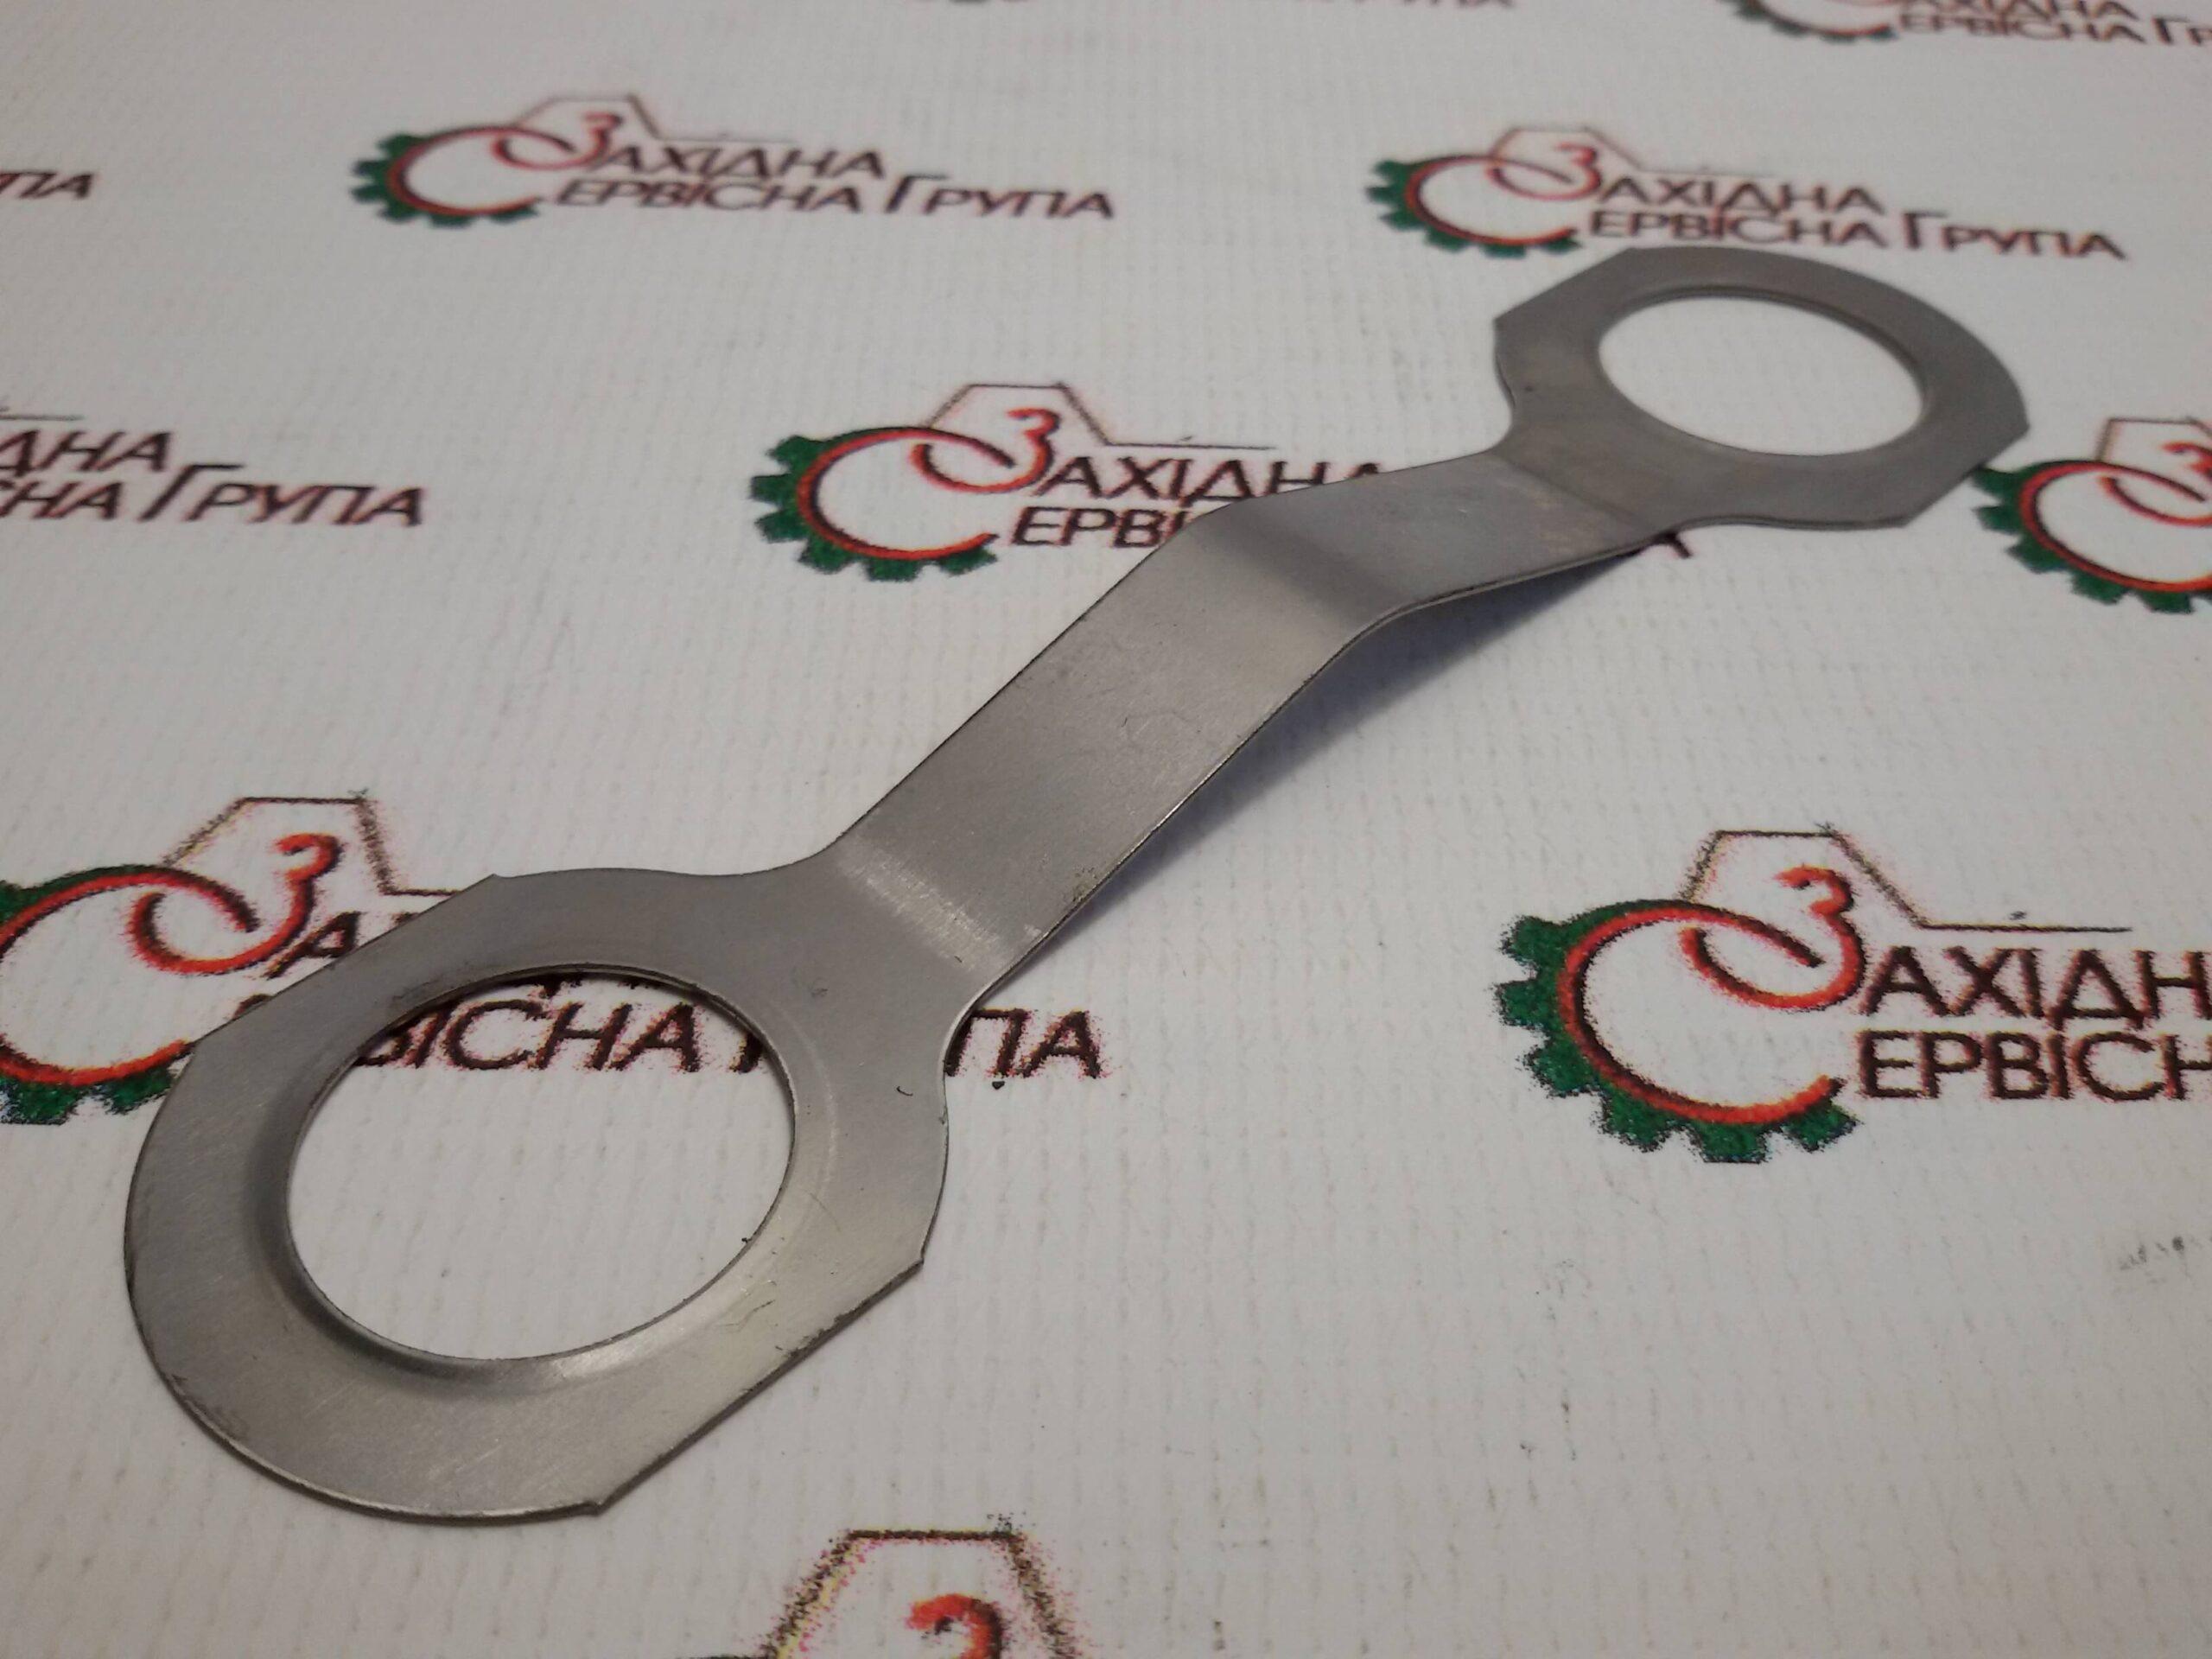 Стопорна пластина болтів випускного колектора Cummins KTA19, 3088317.